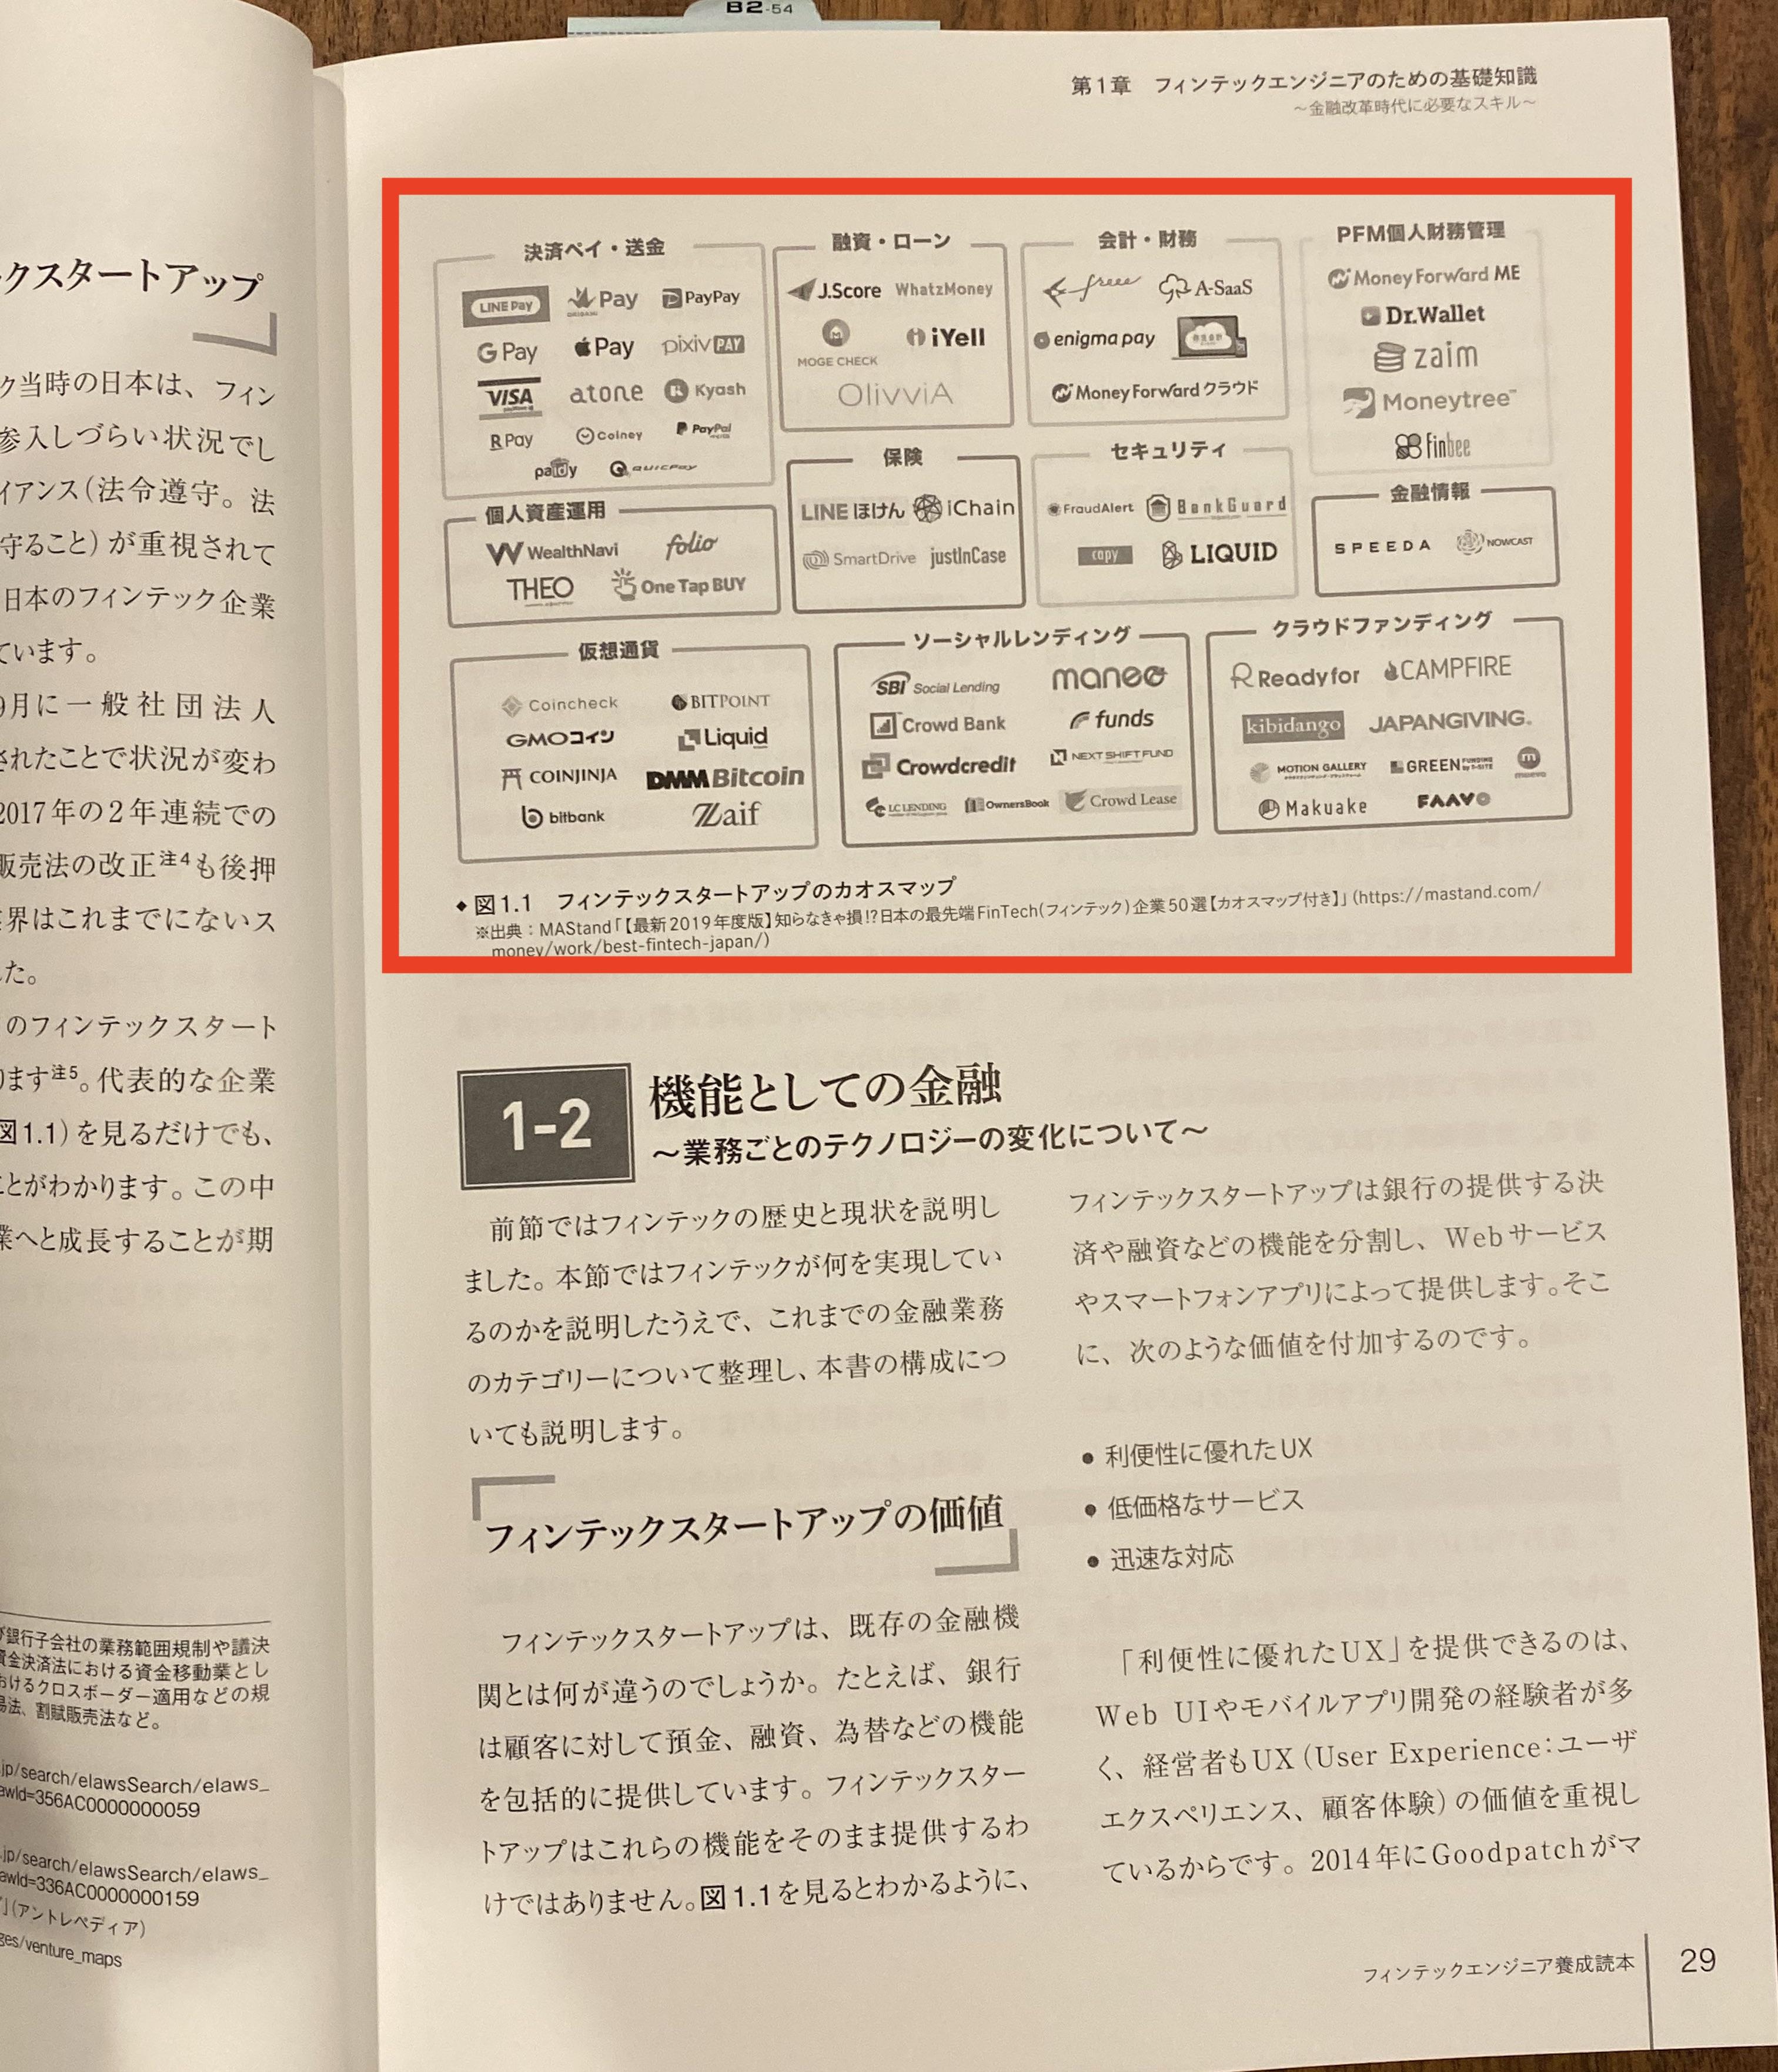 フィンテックエンジニア養成読本内のカオスマップ掲載箇所